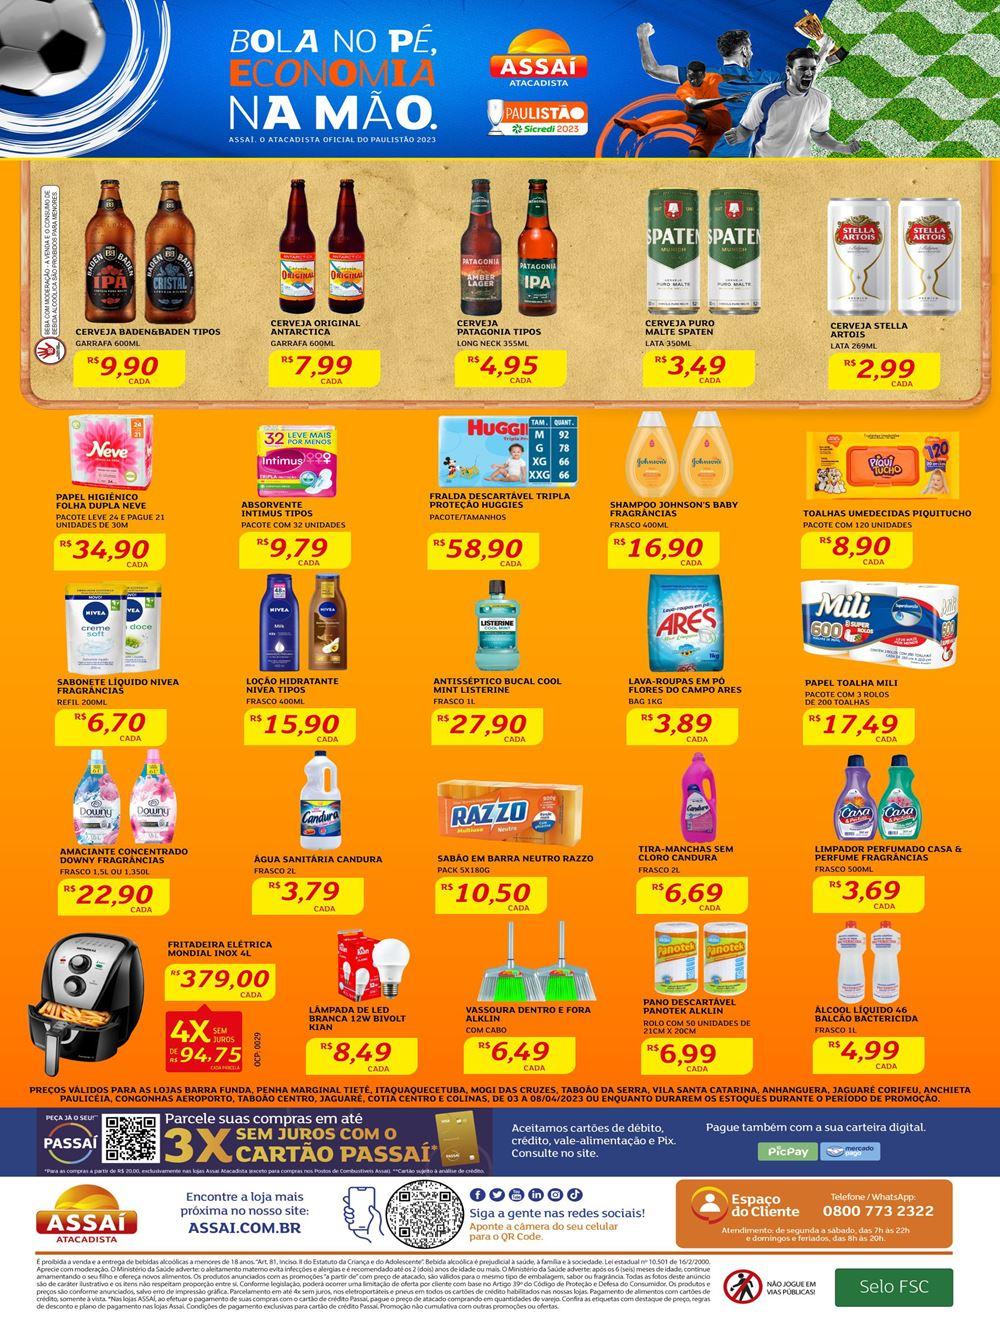 assai-ofertas-descontos-hoje5-2 Ofertas de Supermercados